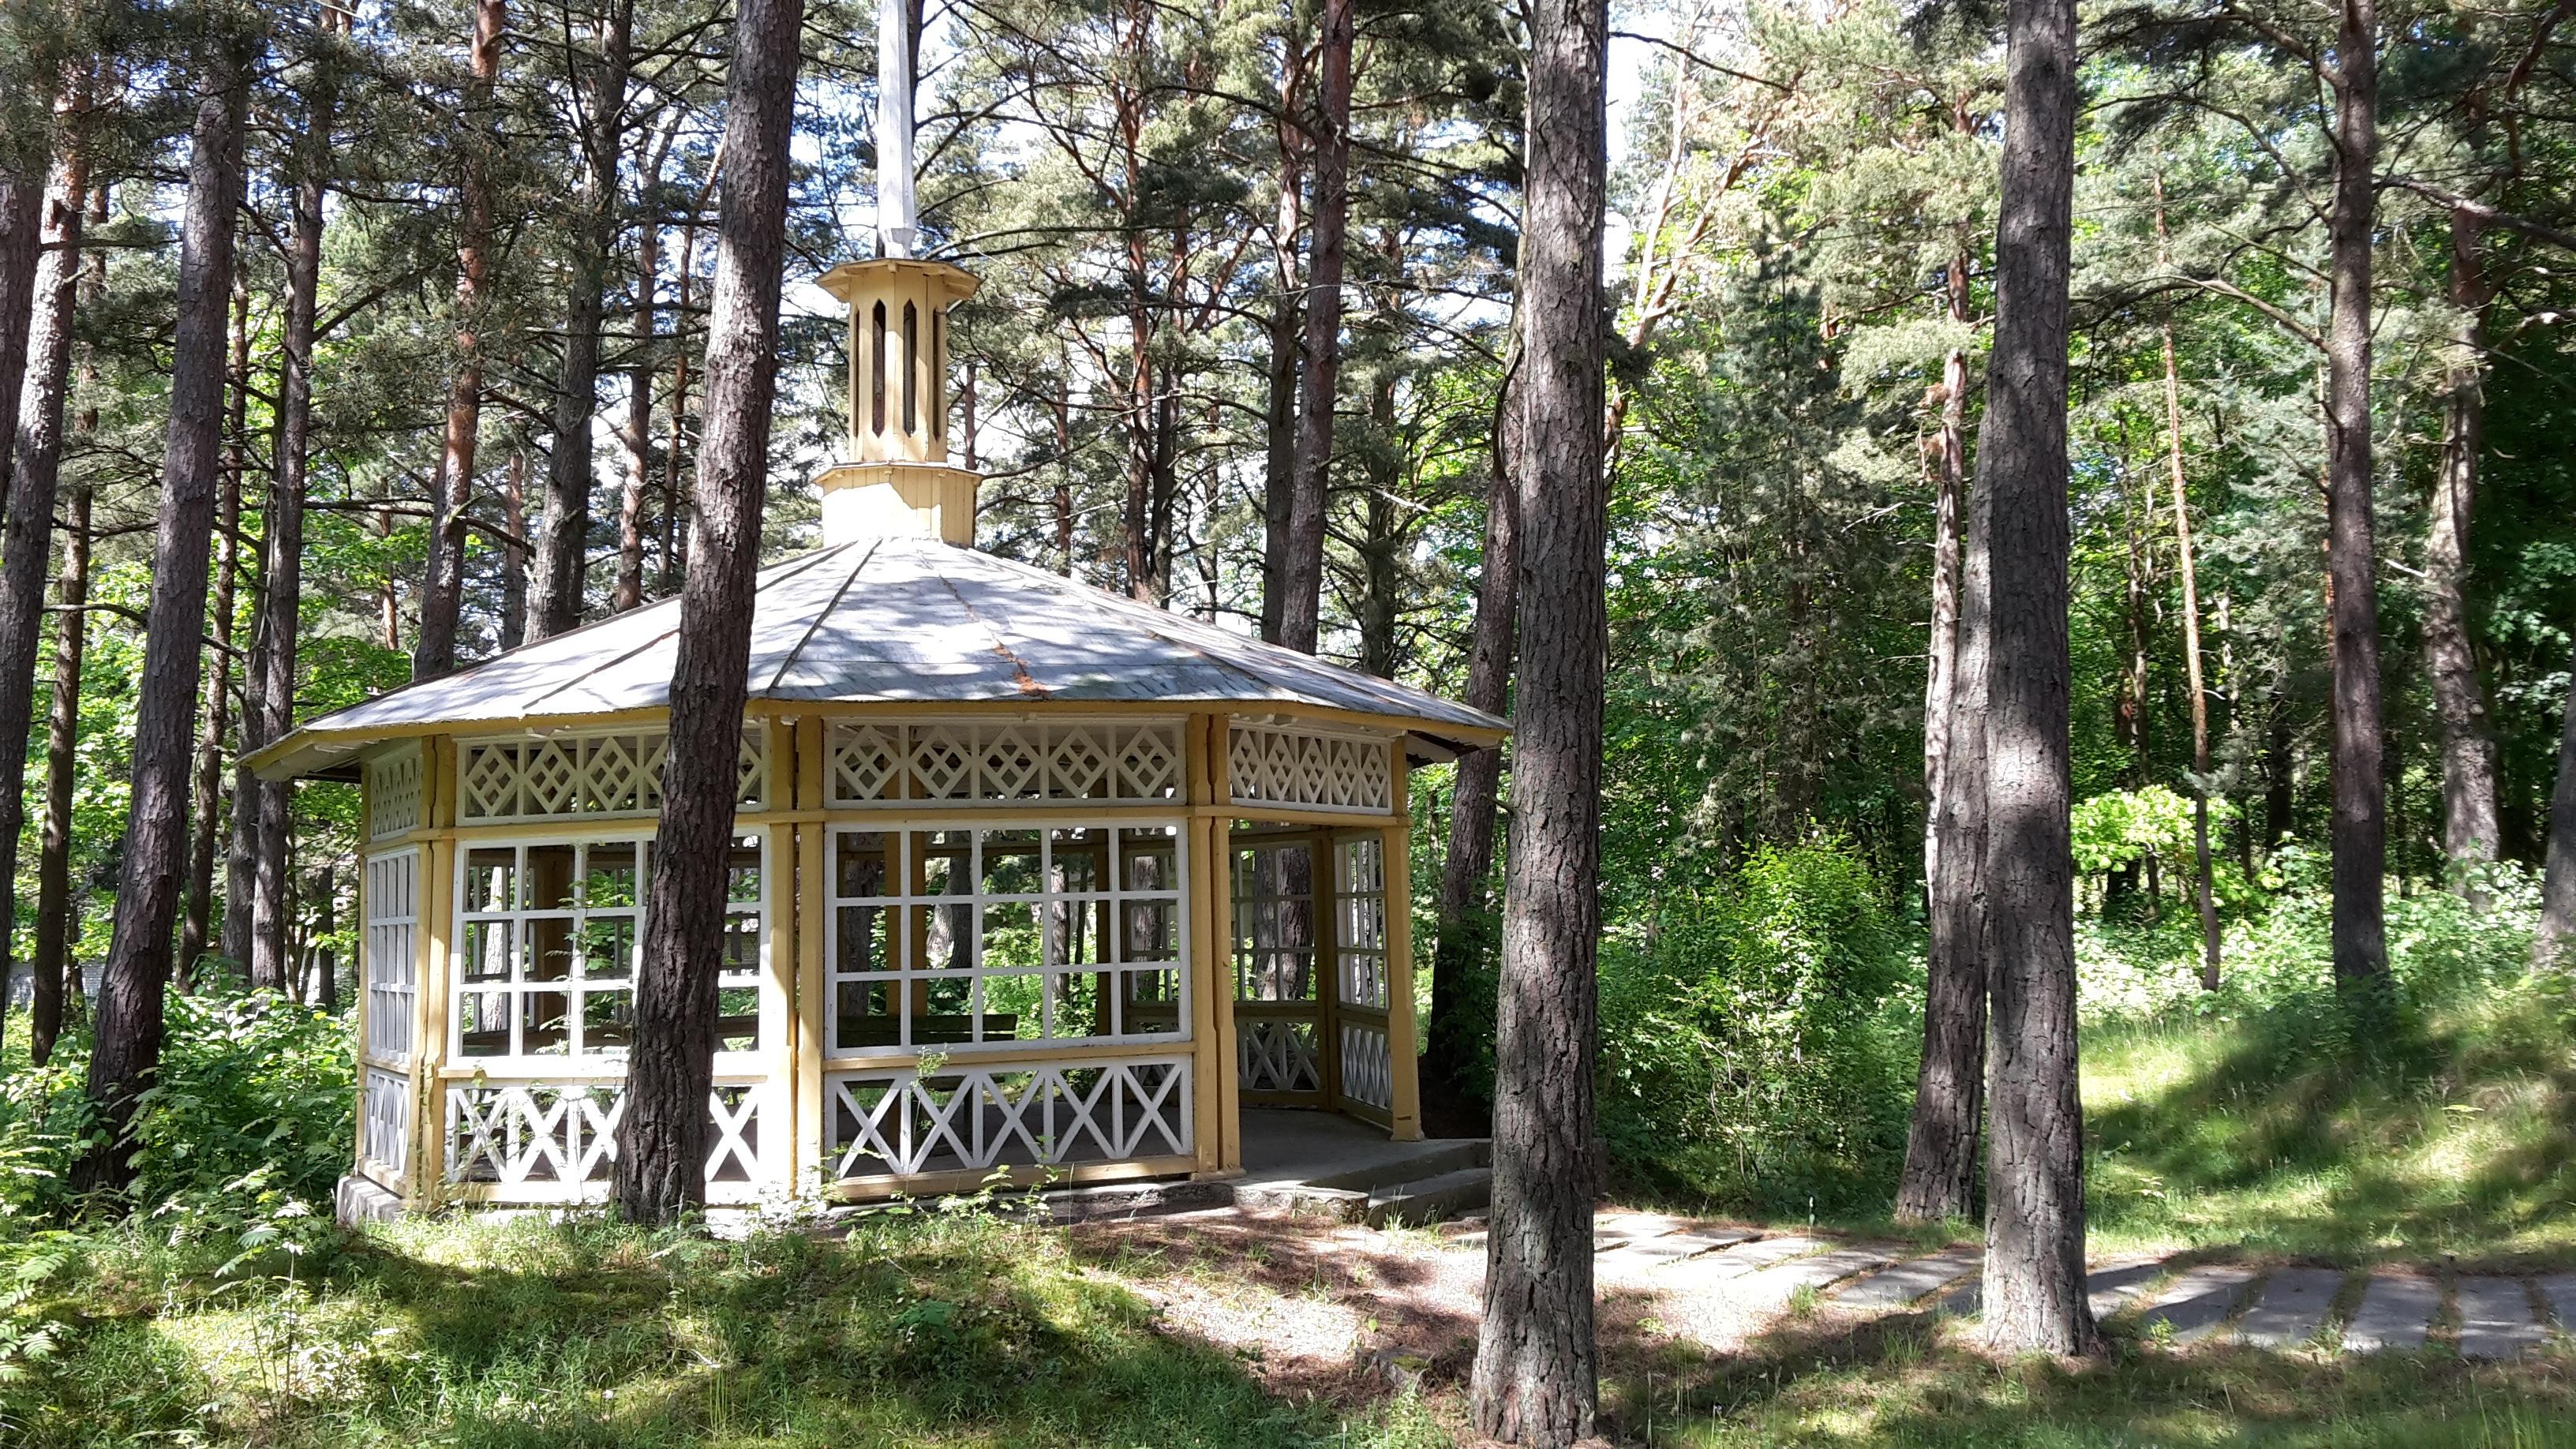 Immobilien Litauen kostenlose foto wald wildnis zuhause hütte kiefer dschungel